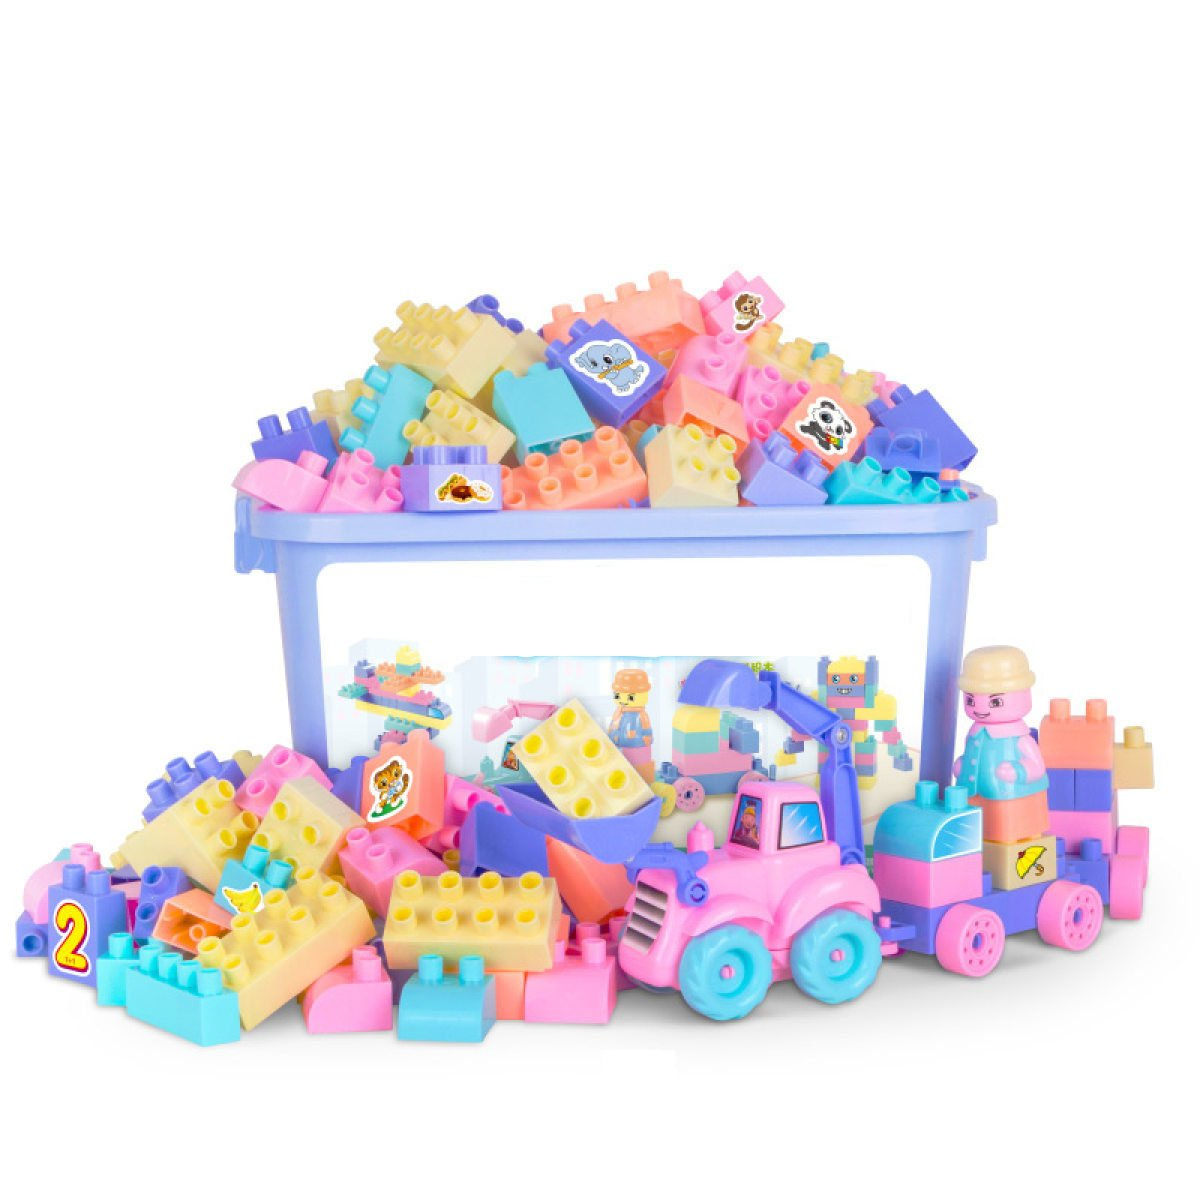 MEI Juguetes Para Niños Bloques Para Niños Juguetes Educativos Juguetes Ensamblados De Plástico Para Niños Tamaño Del Producto: 16.9in  11.8in  9.4in